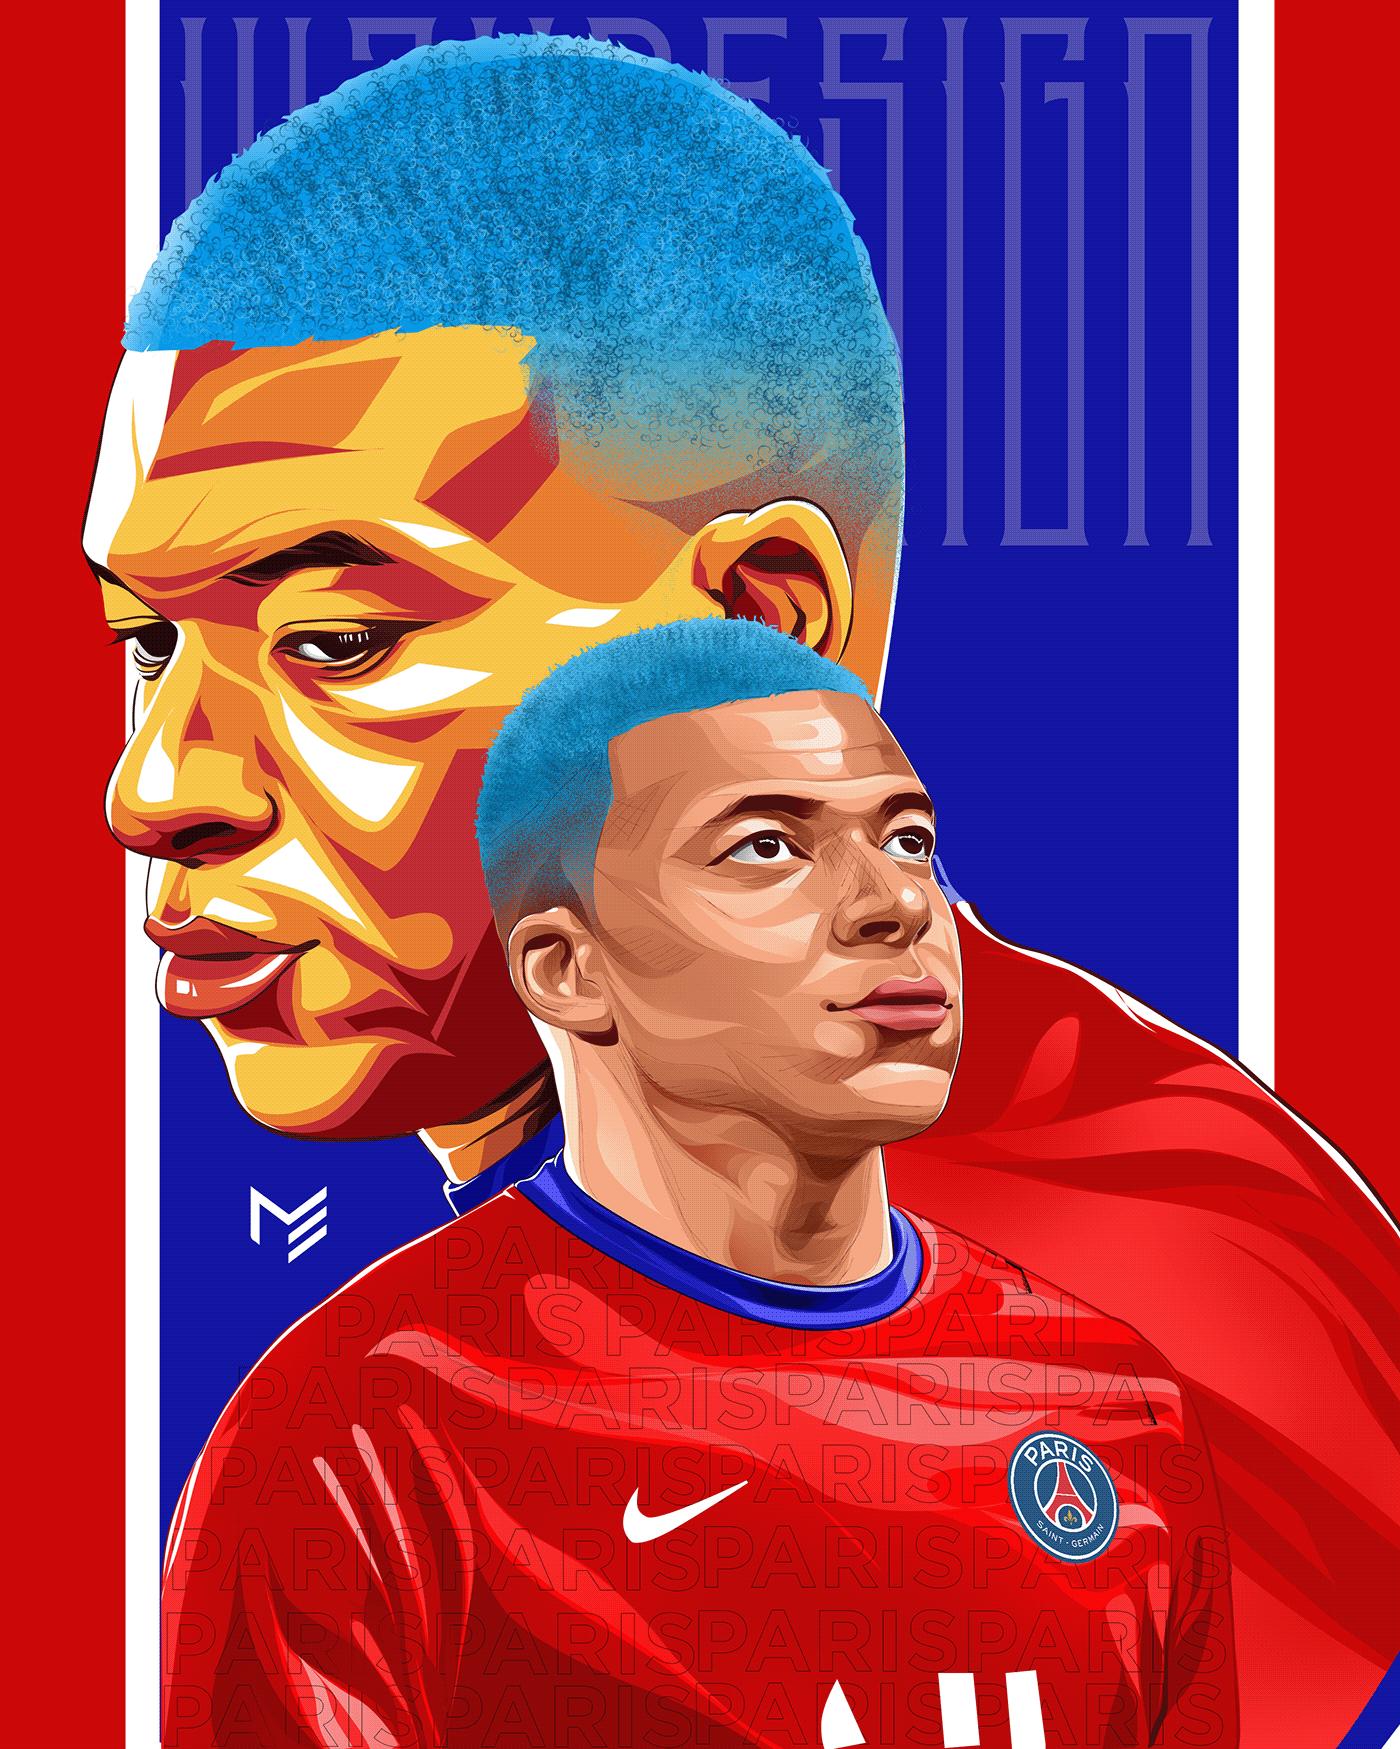 art design football france graphicdesign ILLUSTRATION  Kylian Mbappé PSG vectorart vexel